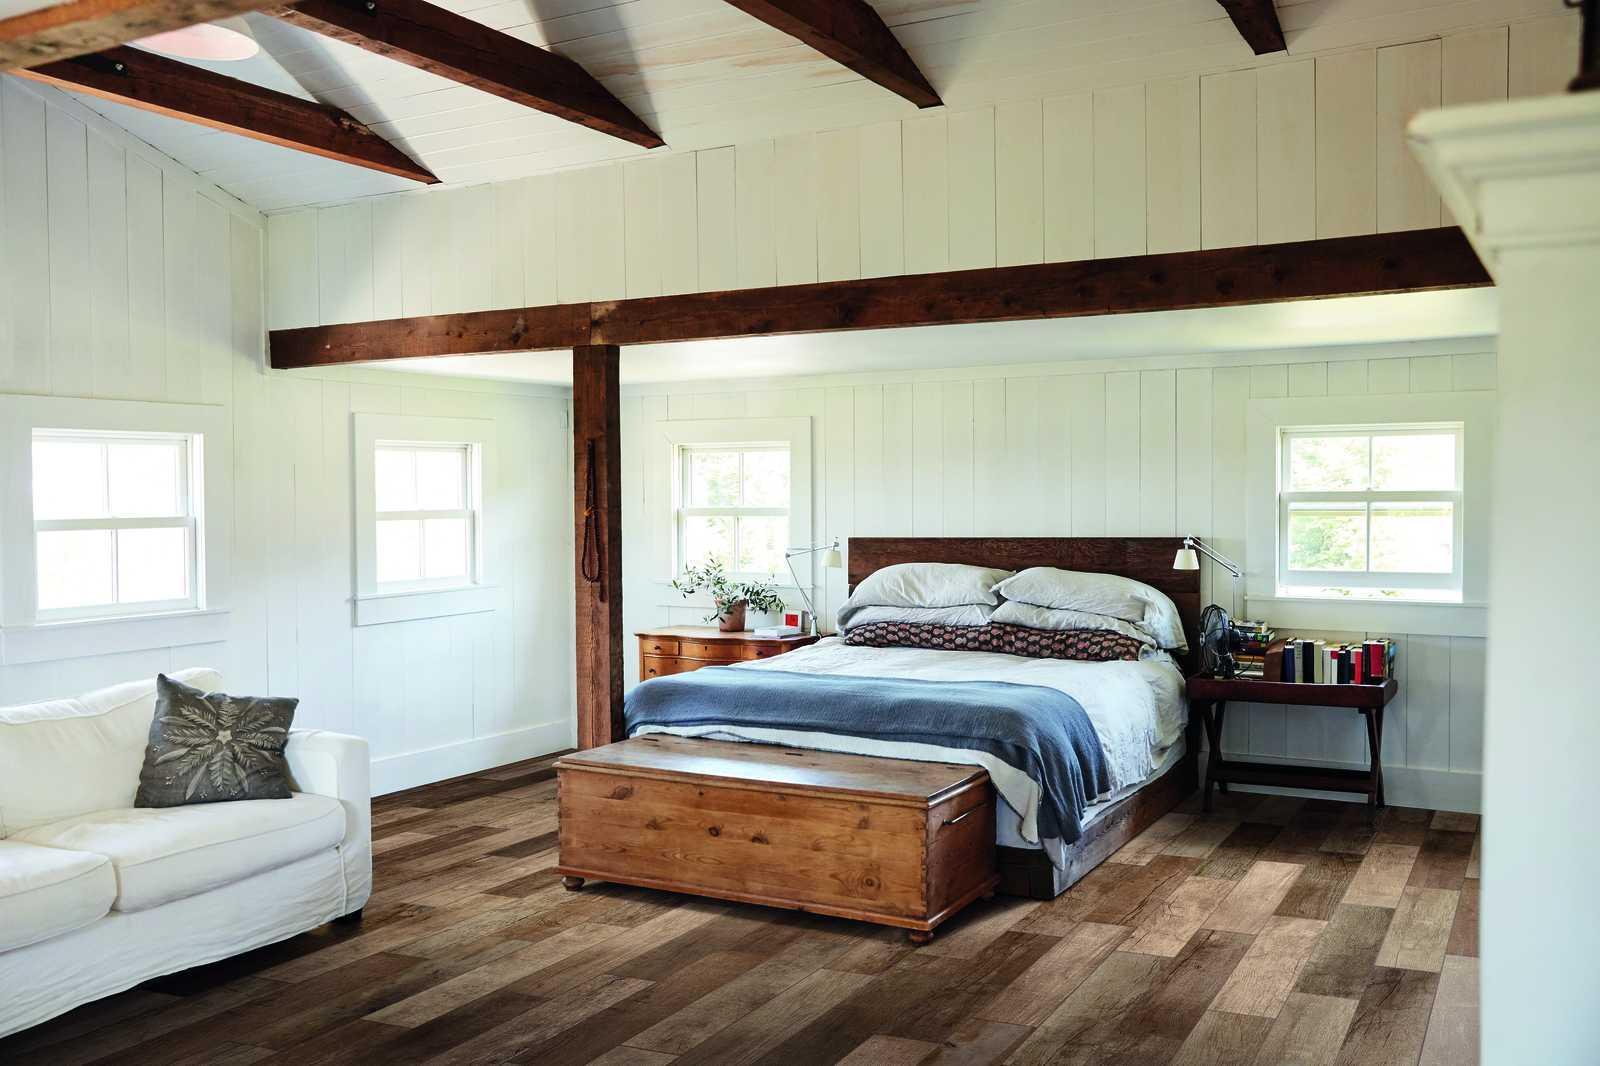 Carrelage chambre coucher c ramique pour l 39 espace nuit ragno - Carrelage pour chambre a coucher ...